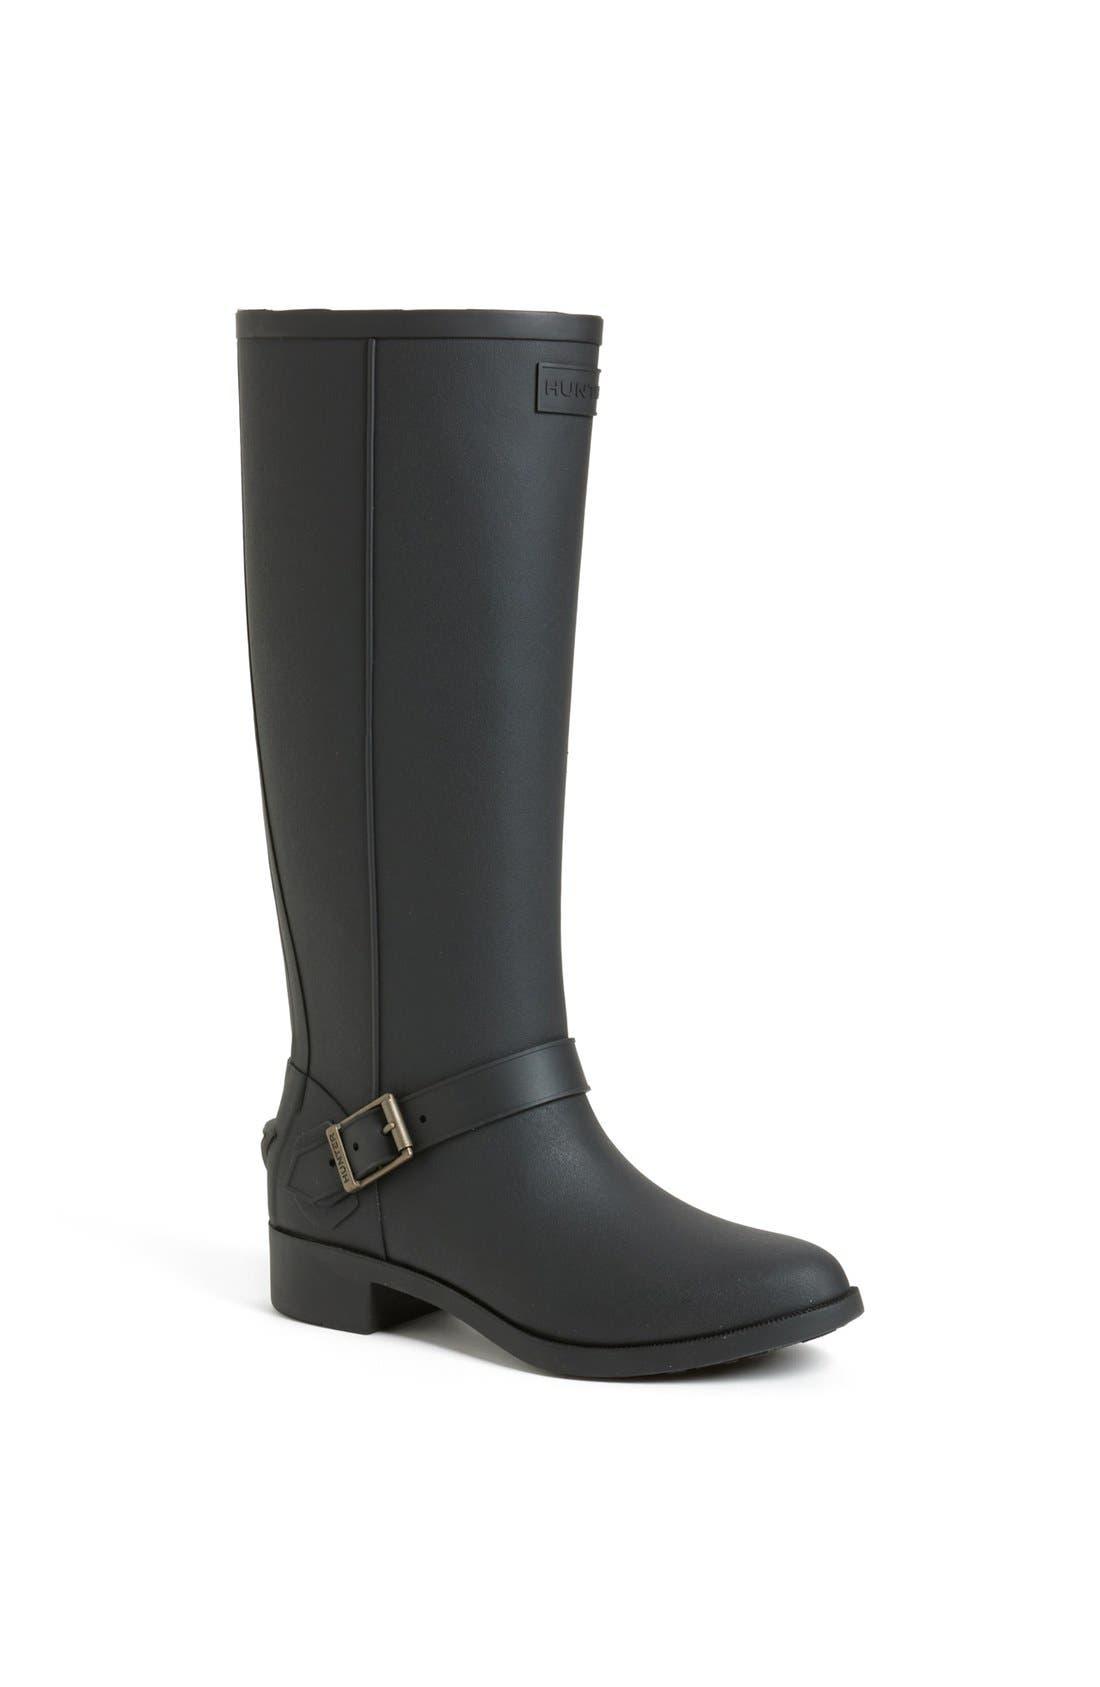 Main Image - Hunter 'Belsize Mercer' Rain Boot